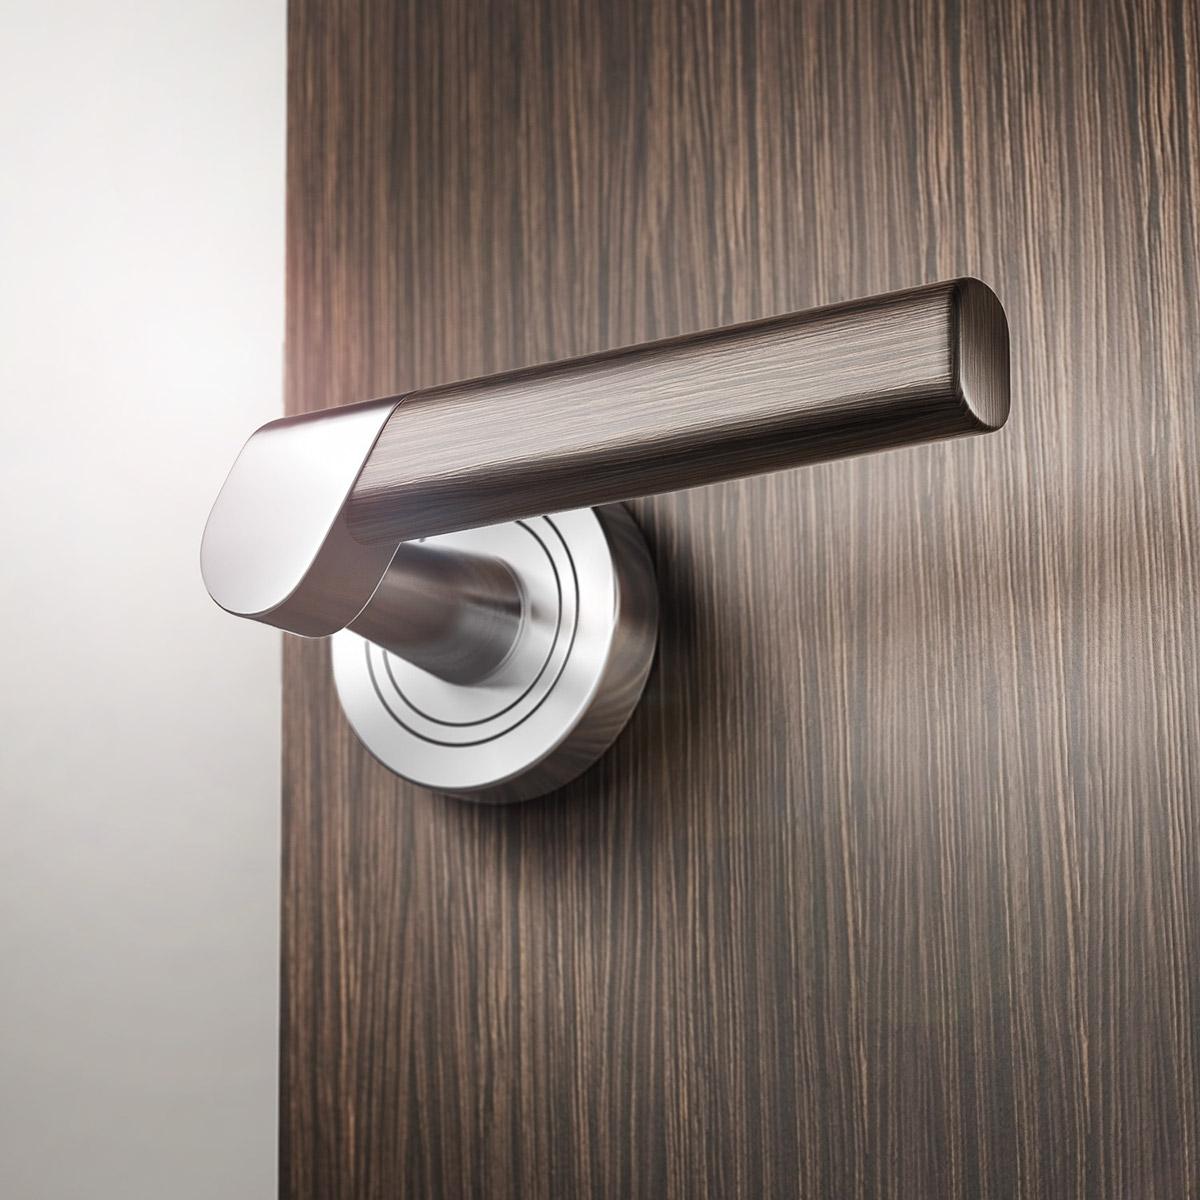 SLICE - door handle. //.facebook.com/redodesign.eu & SLICE - door handle on Behance